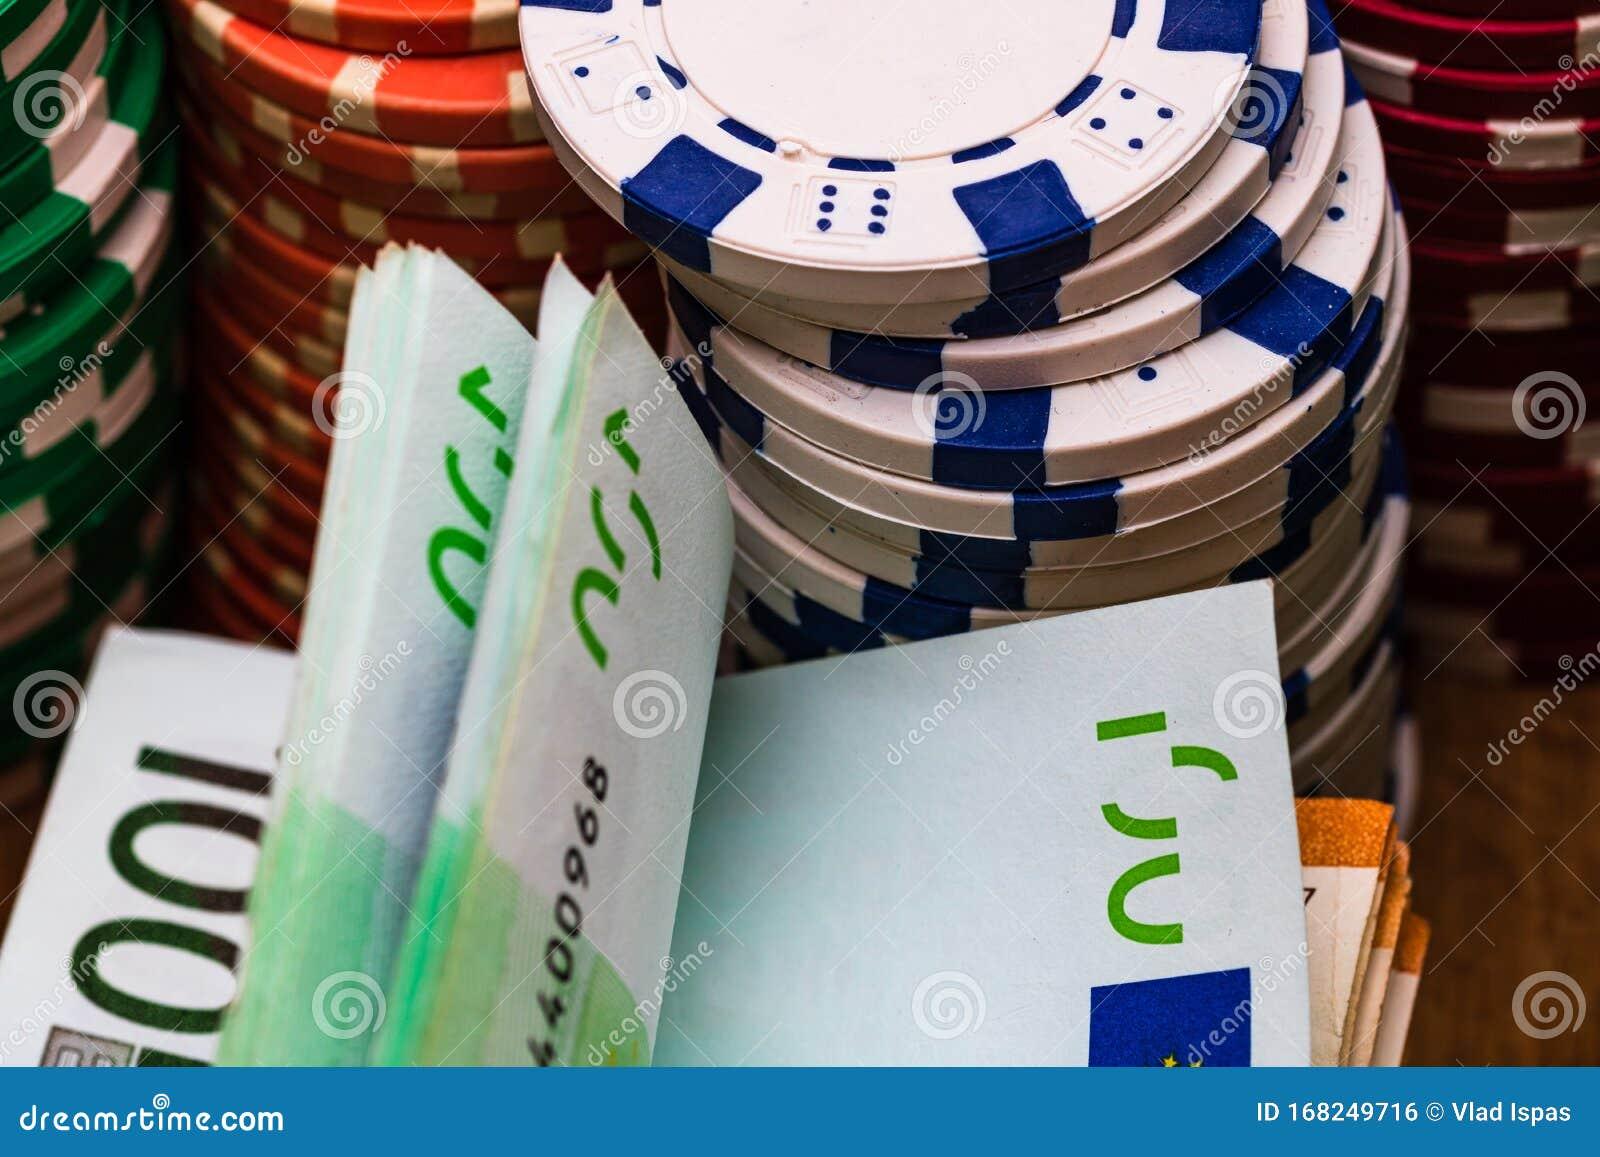 Казино на деньги в euro играть в игры карты дурак подкидной